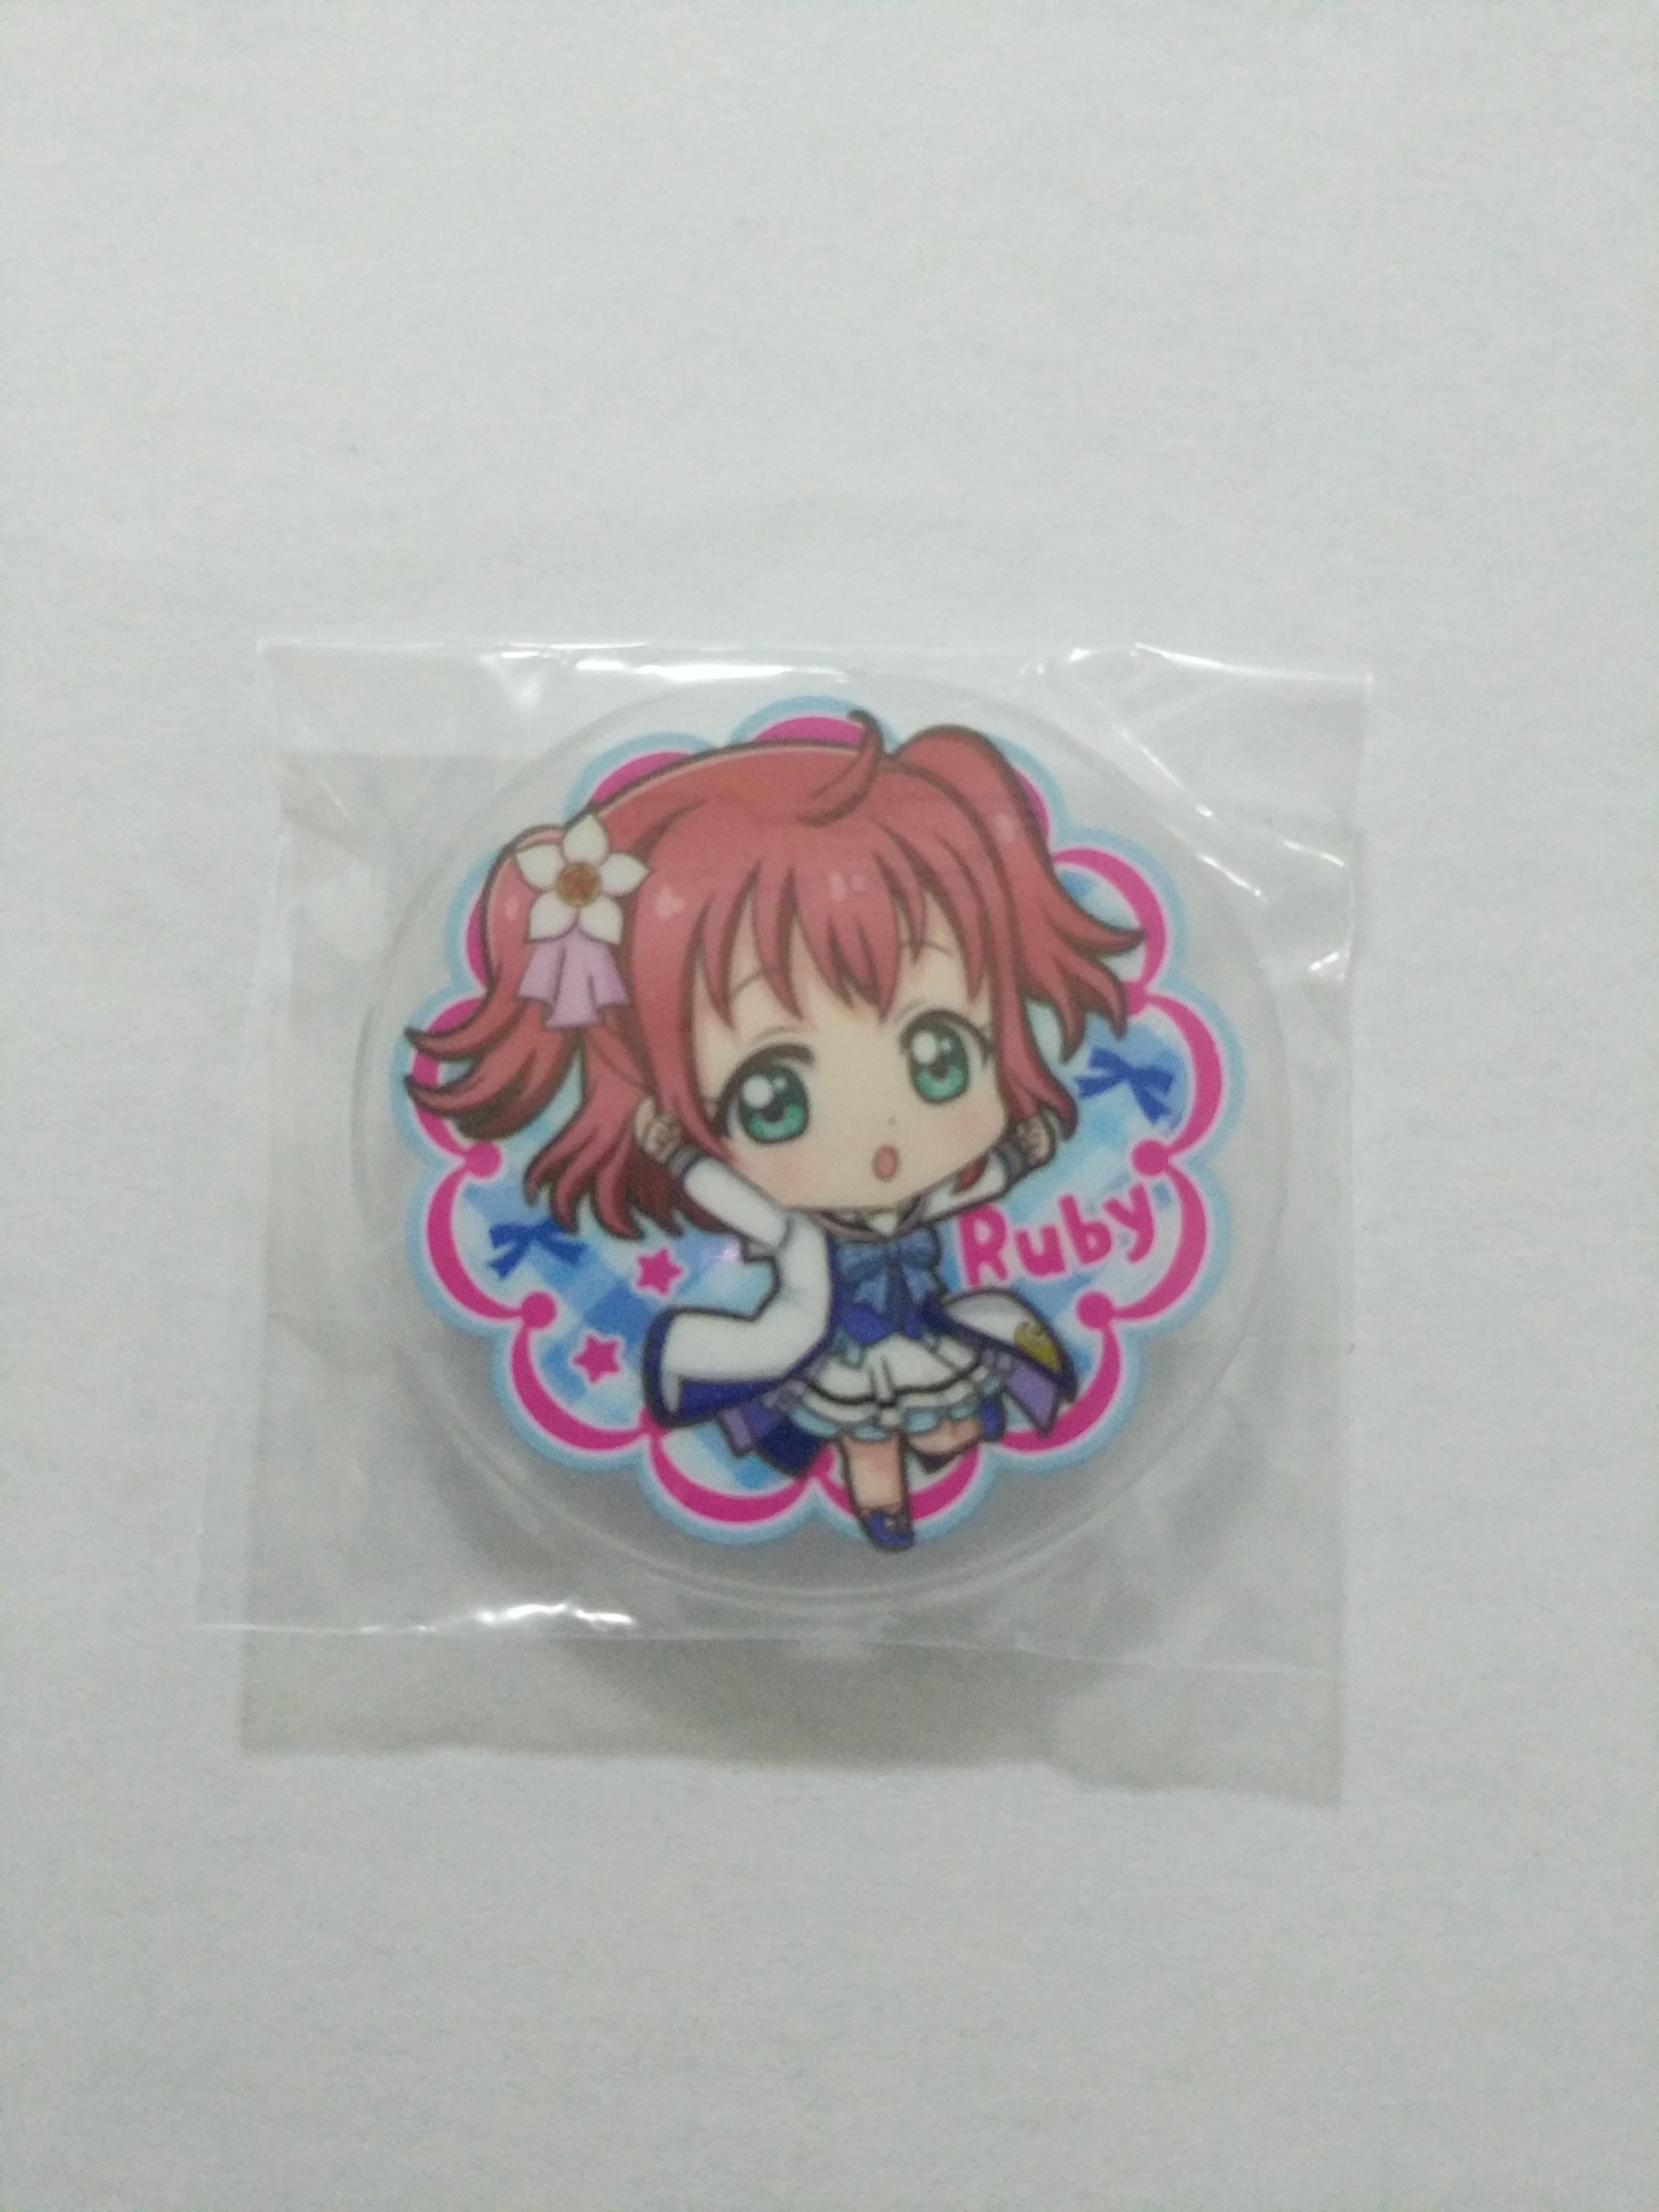 Ruby Mirai no bokura wa shitteru yo acrylic badge